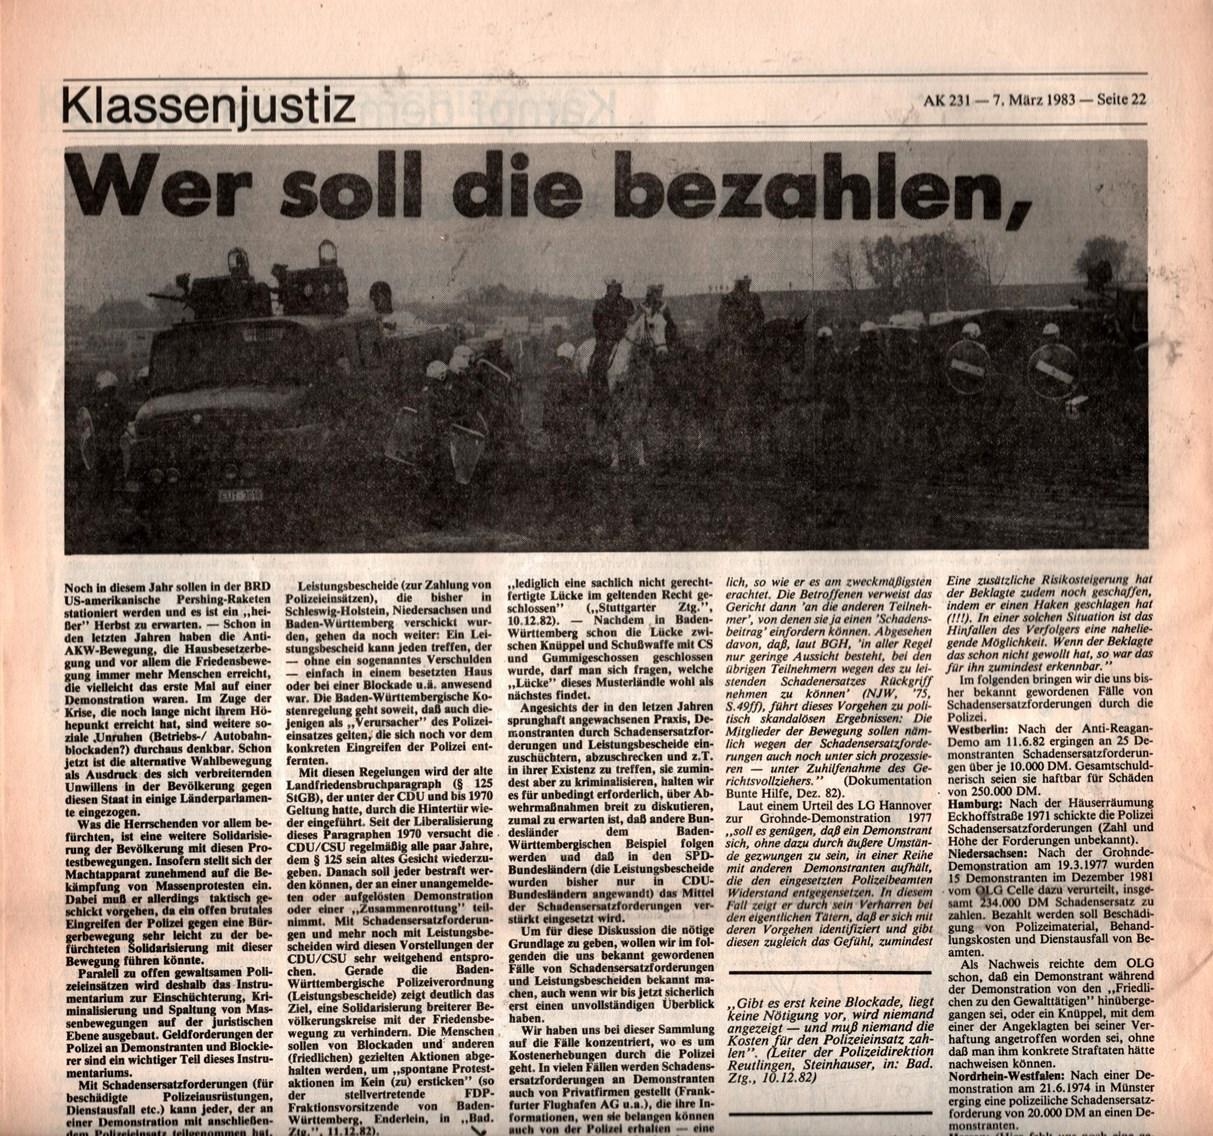 KB_AK_1983_231_043